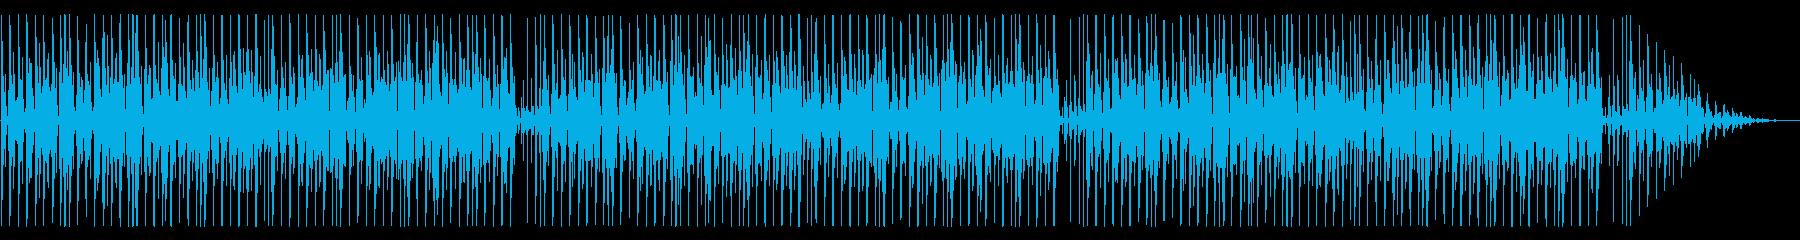 bgm42の再生済みの波形